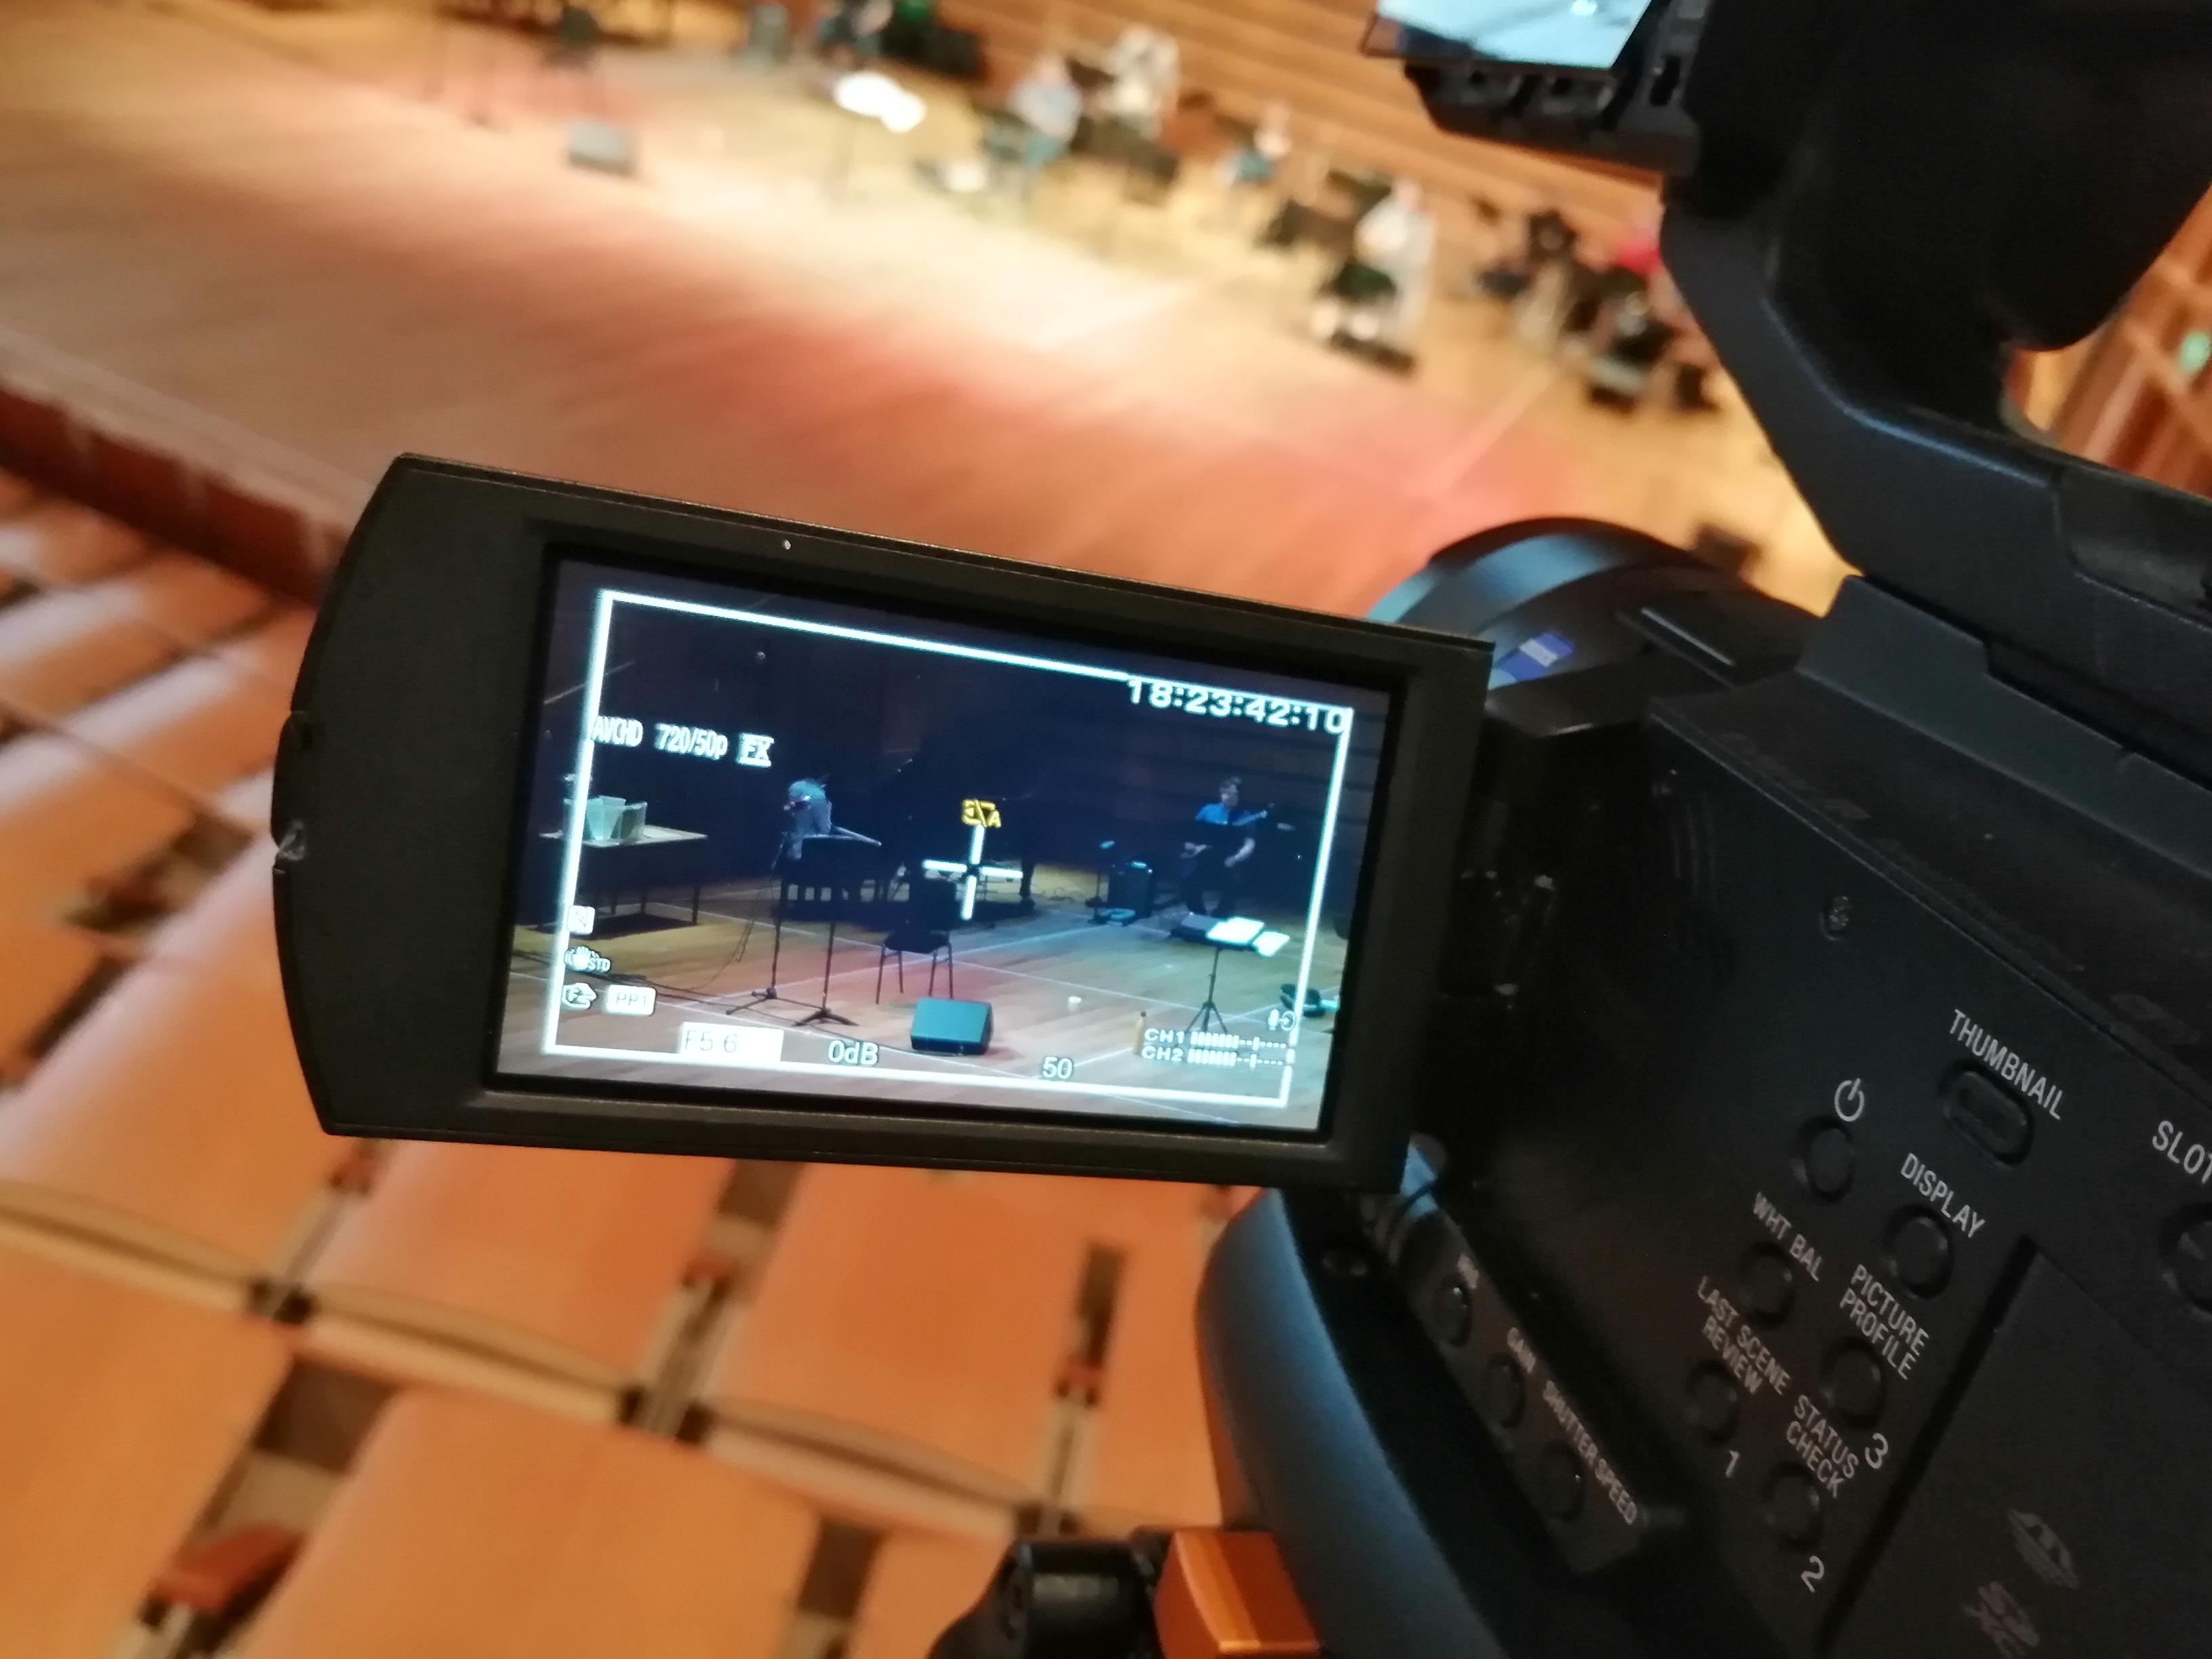 Big Band livestream test a success